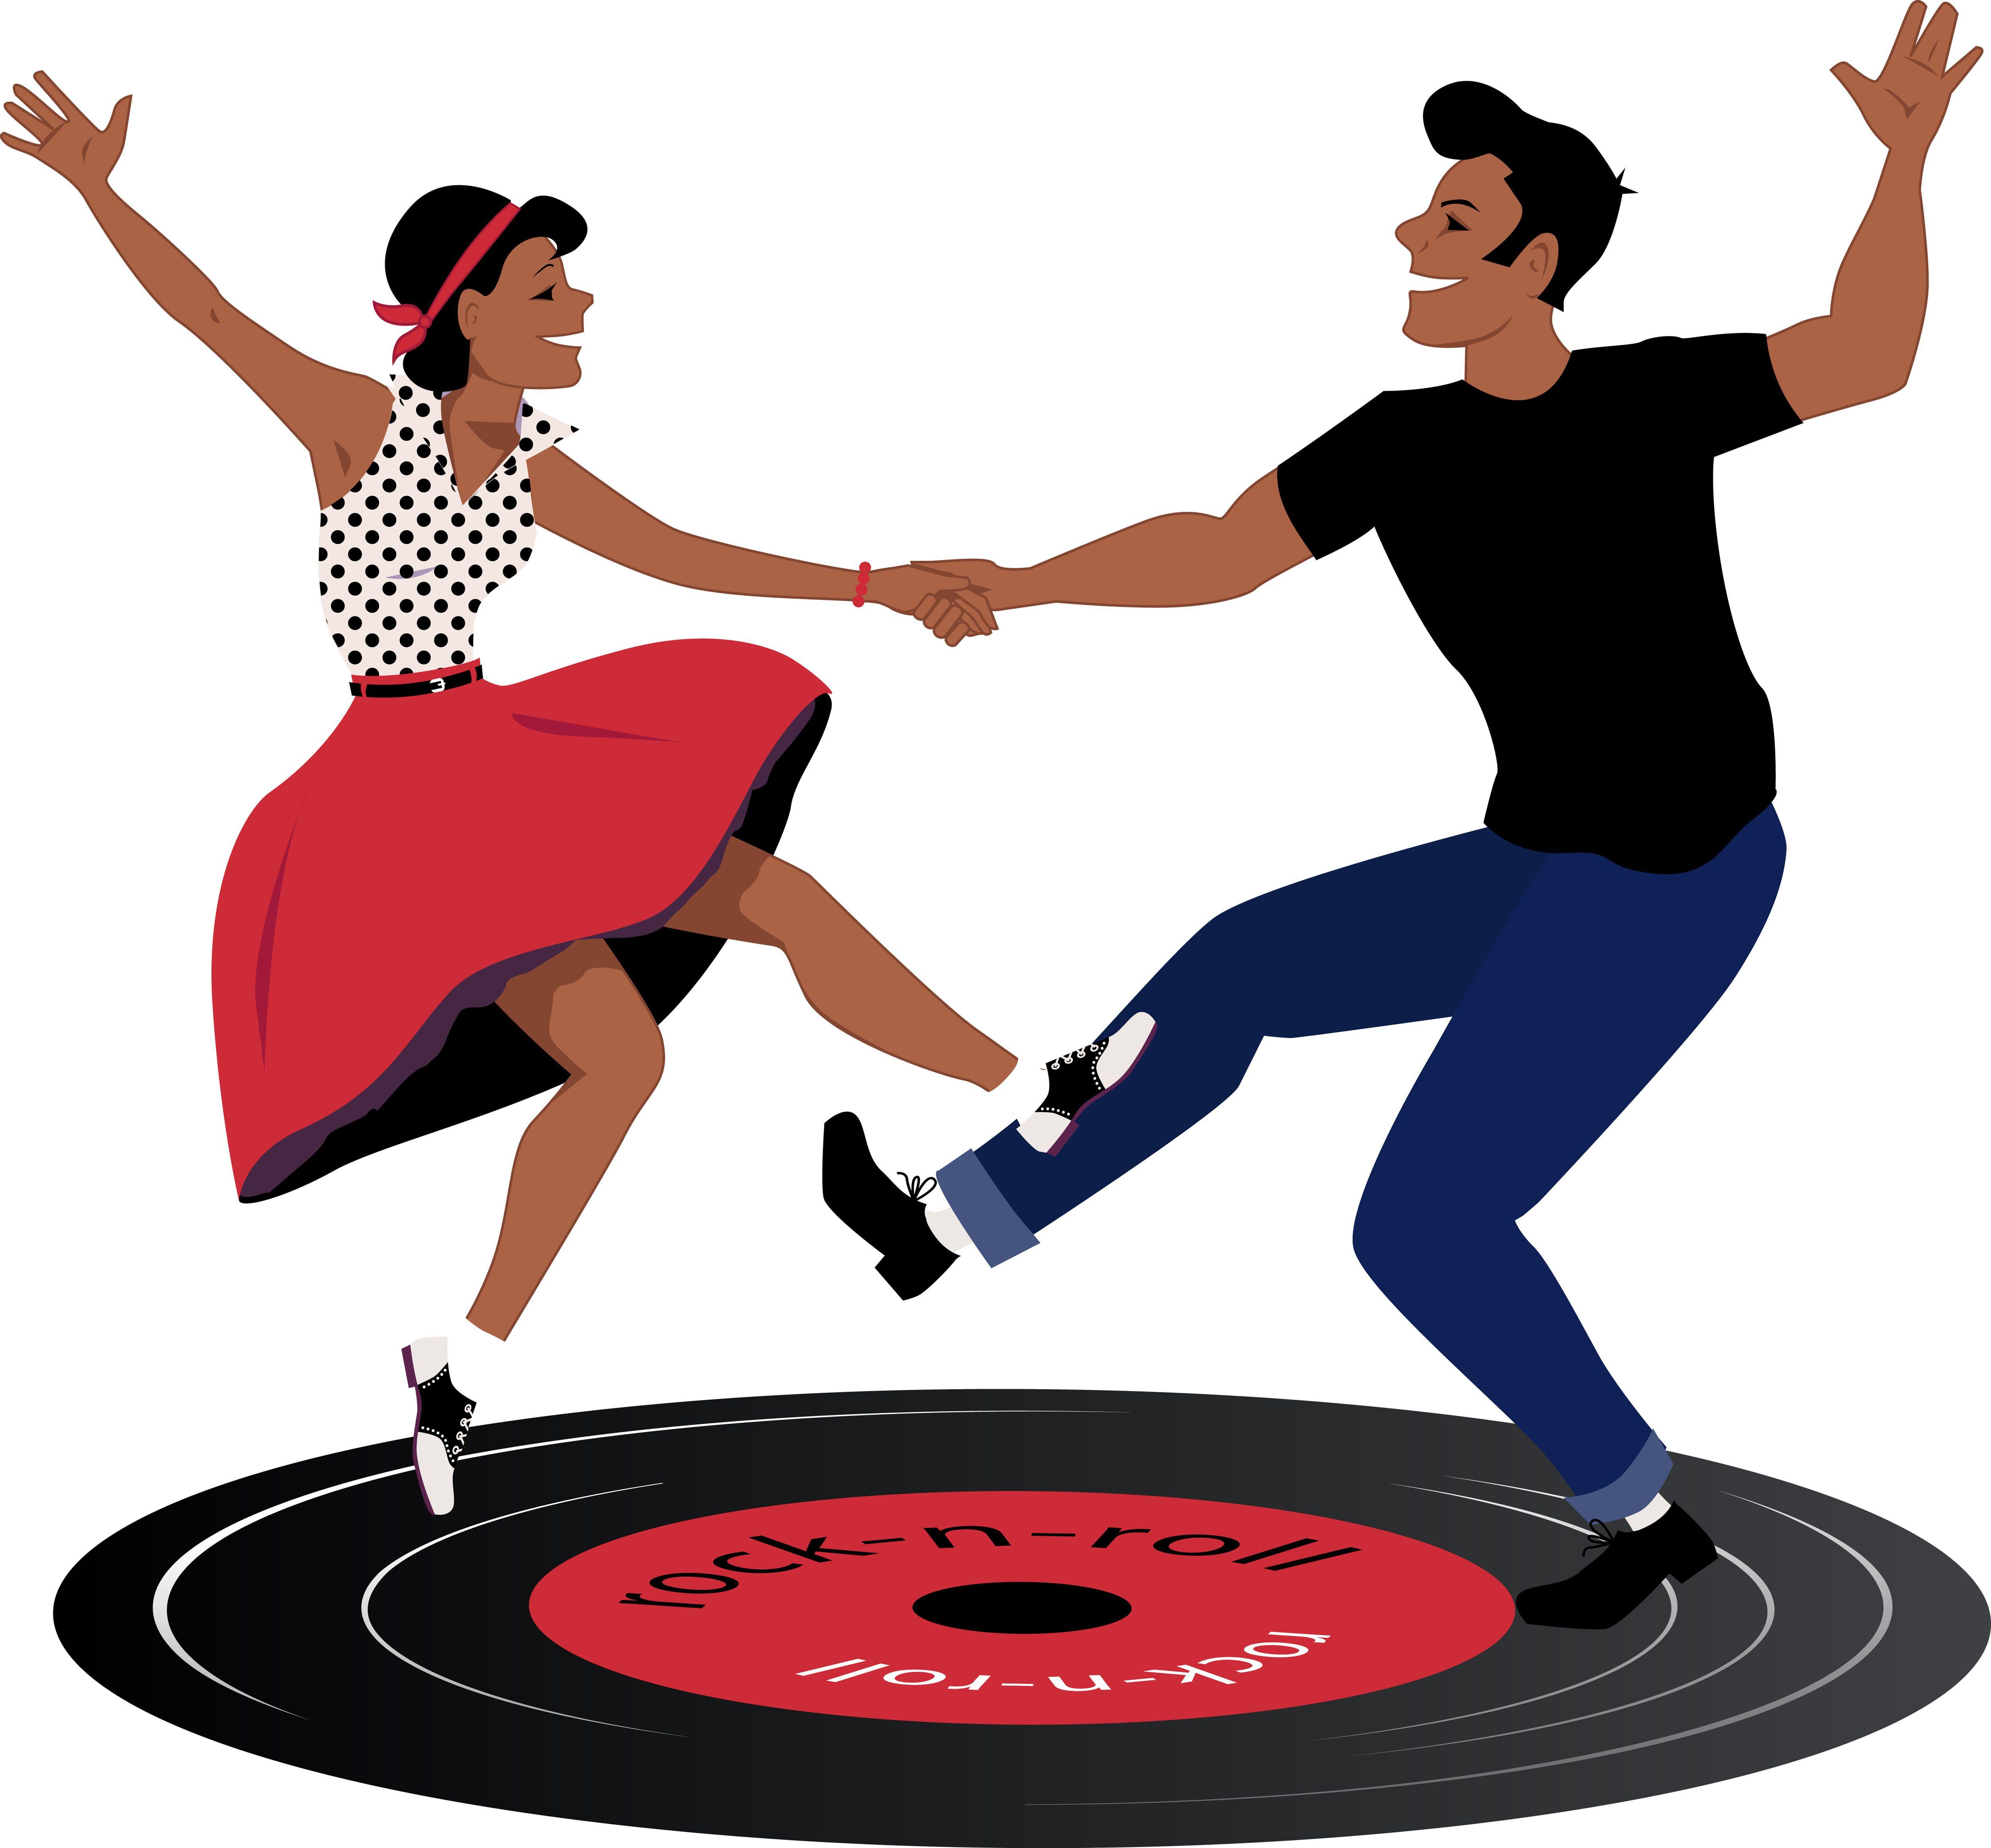 Dibujo Instrumentos Rockabilly Buscar Con Google Rockabilly Rockabilly Couple Couple Dancing